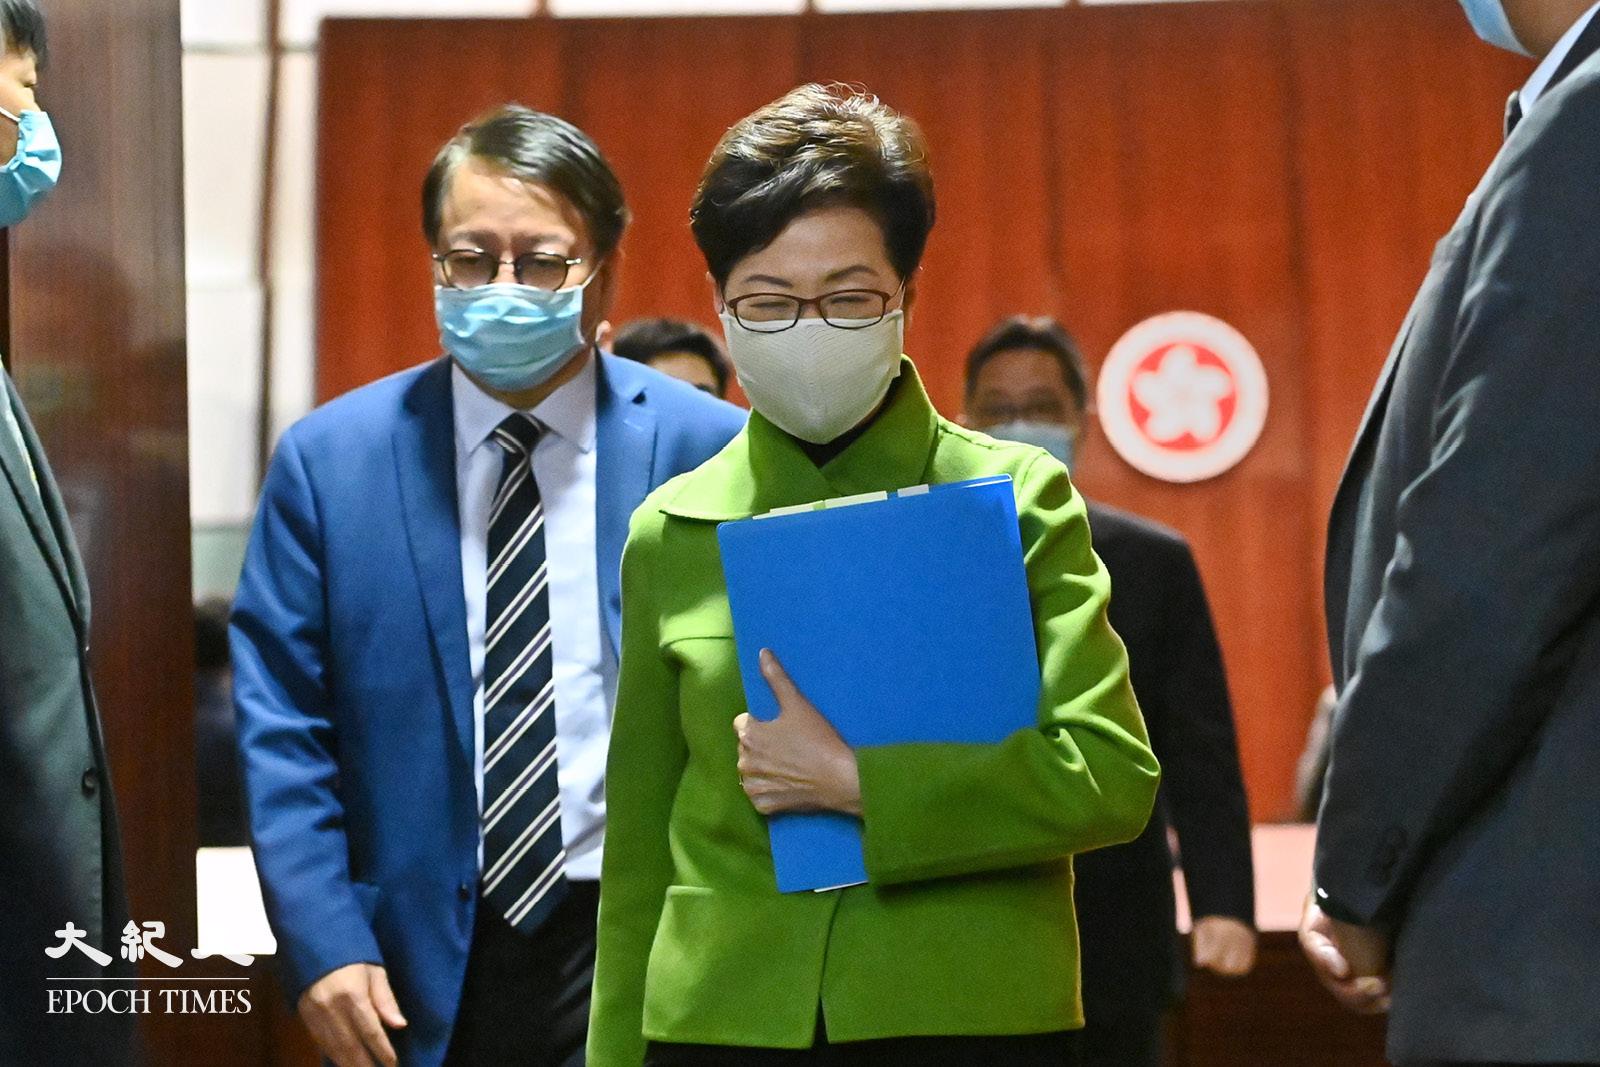 2月4日,香港特首林鄭月娥出席立法會答問會後,步出會議廳。(宋碧龍/大紀元)